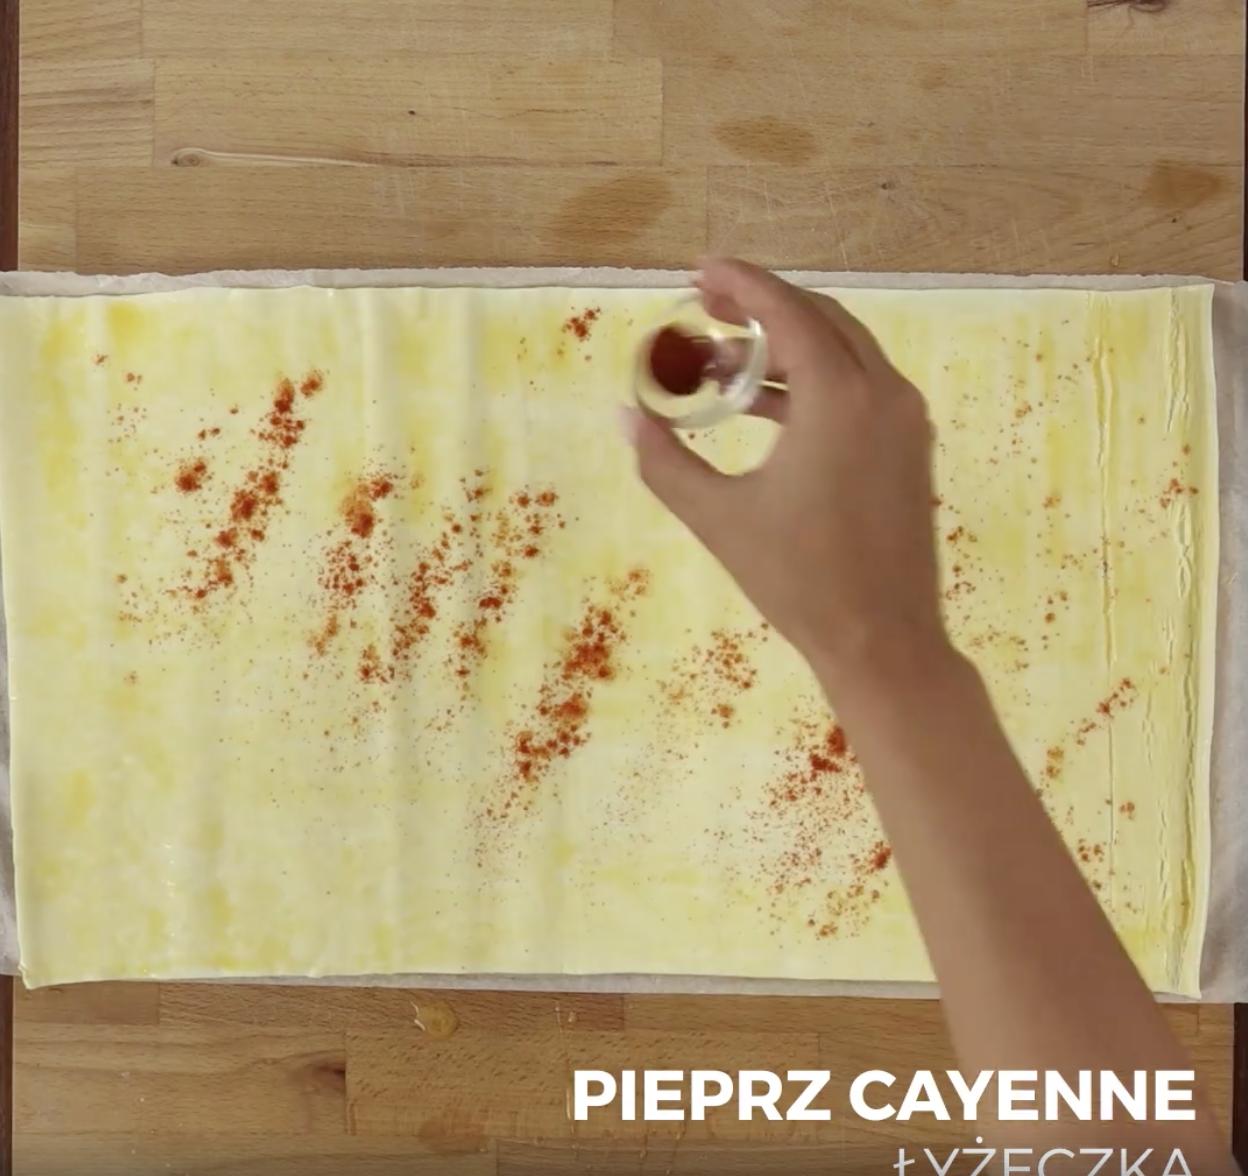 Rozwiń ciasta francuskie i za pomocą pędzelka nasmaruj je jajkiem. Następnie posyp jego wierzch pieprzem cayenne.